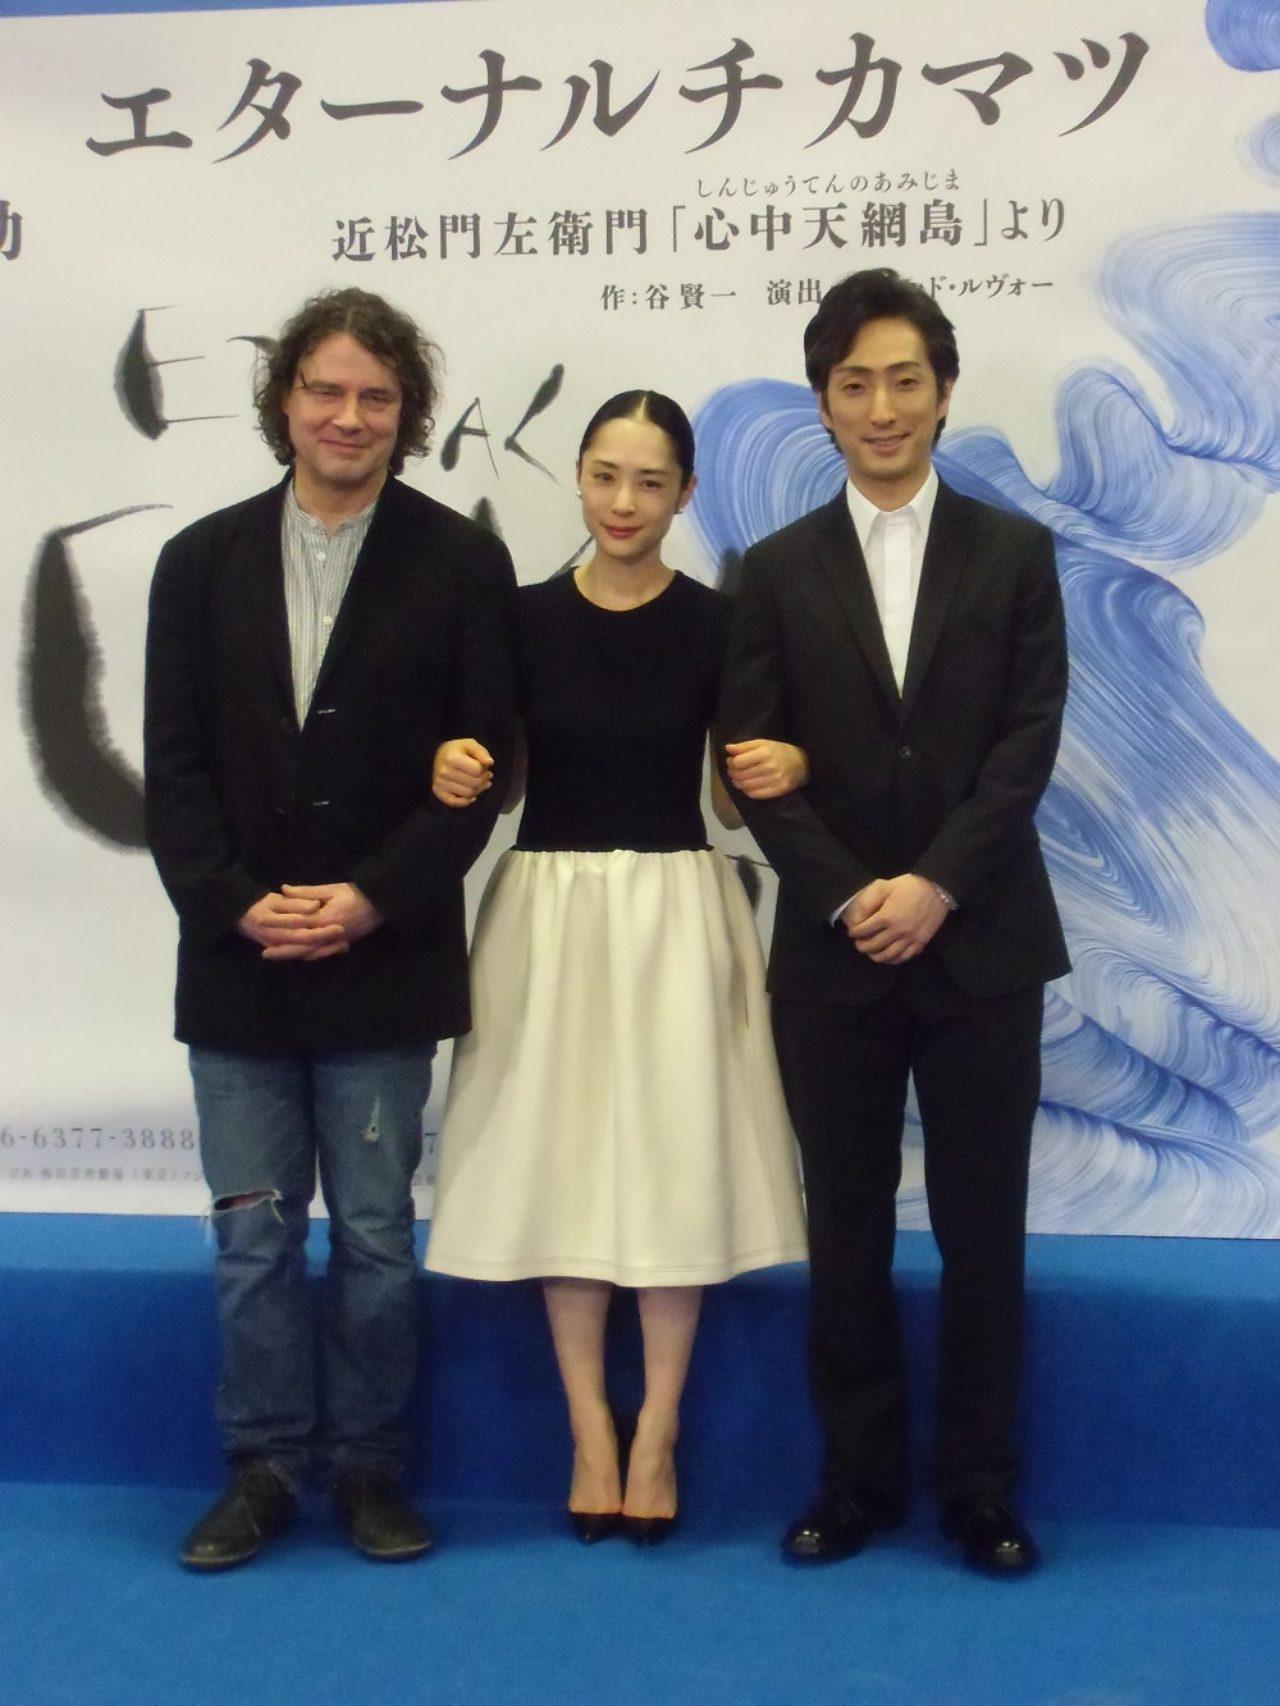 画像: デヴィッド・ルヴォー演出の舞台に深津絵里と七之助がW主演|TOKYO HEADLINE